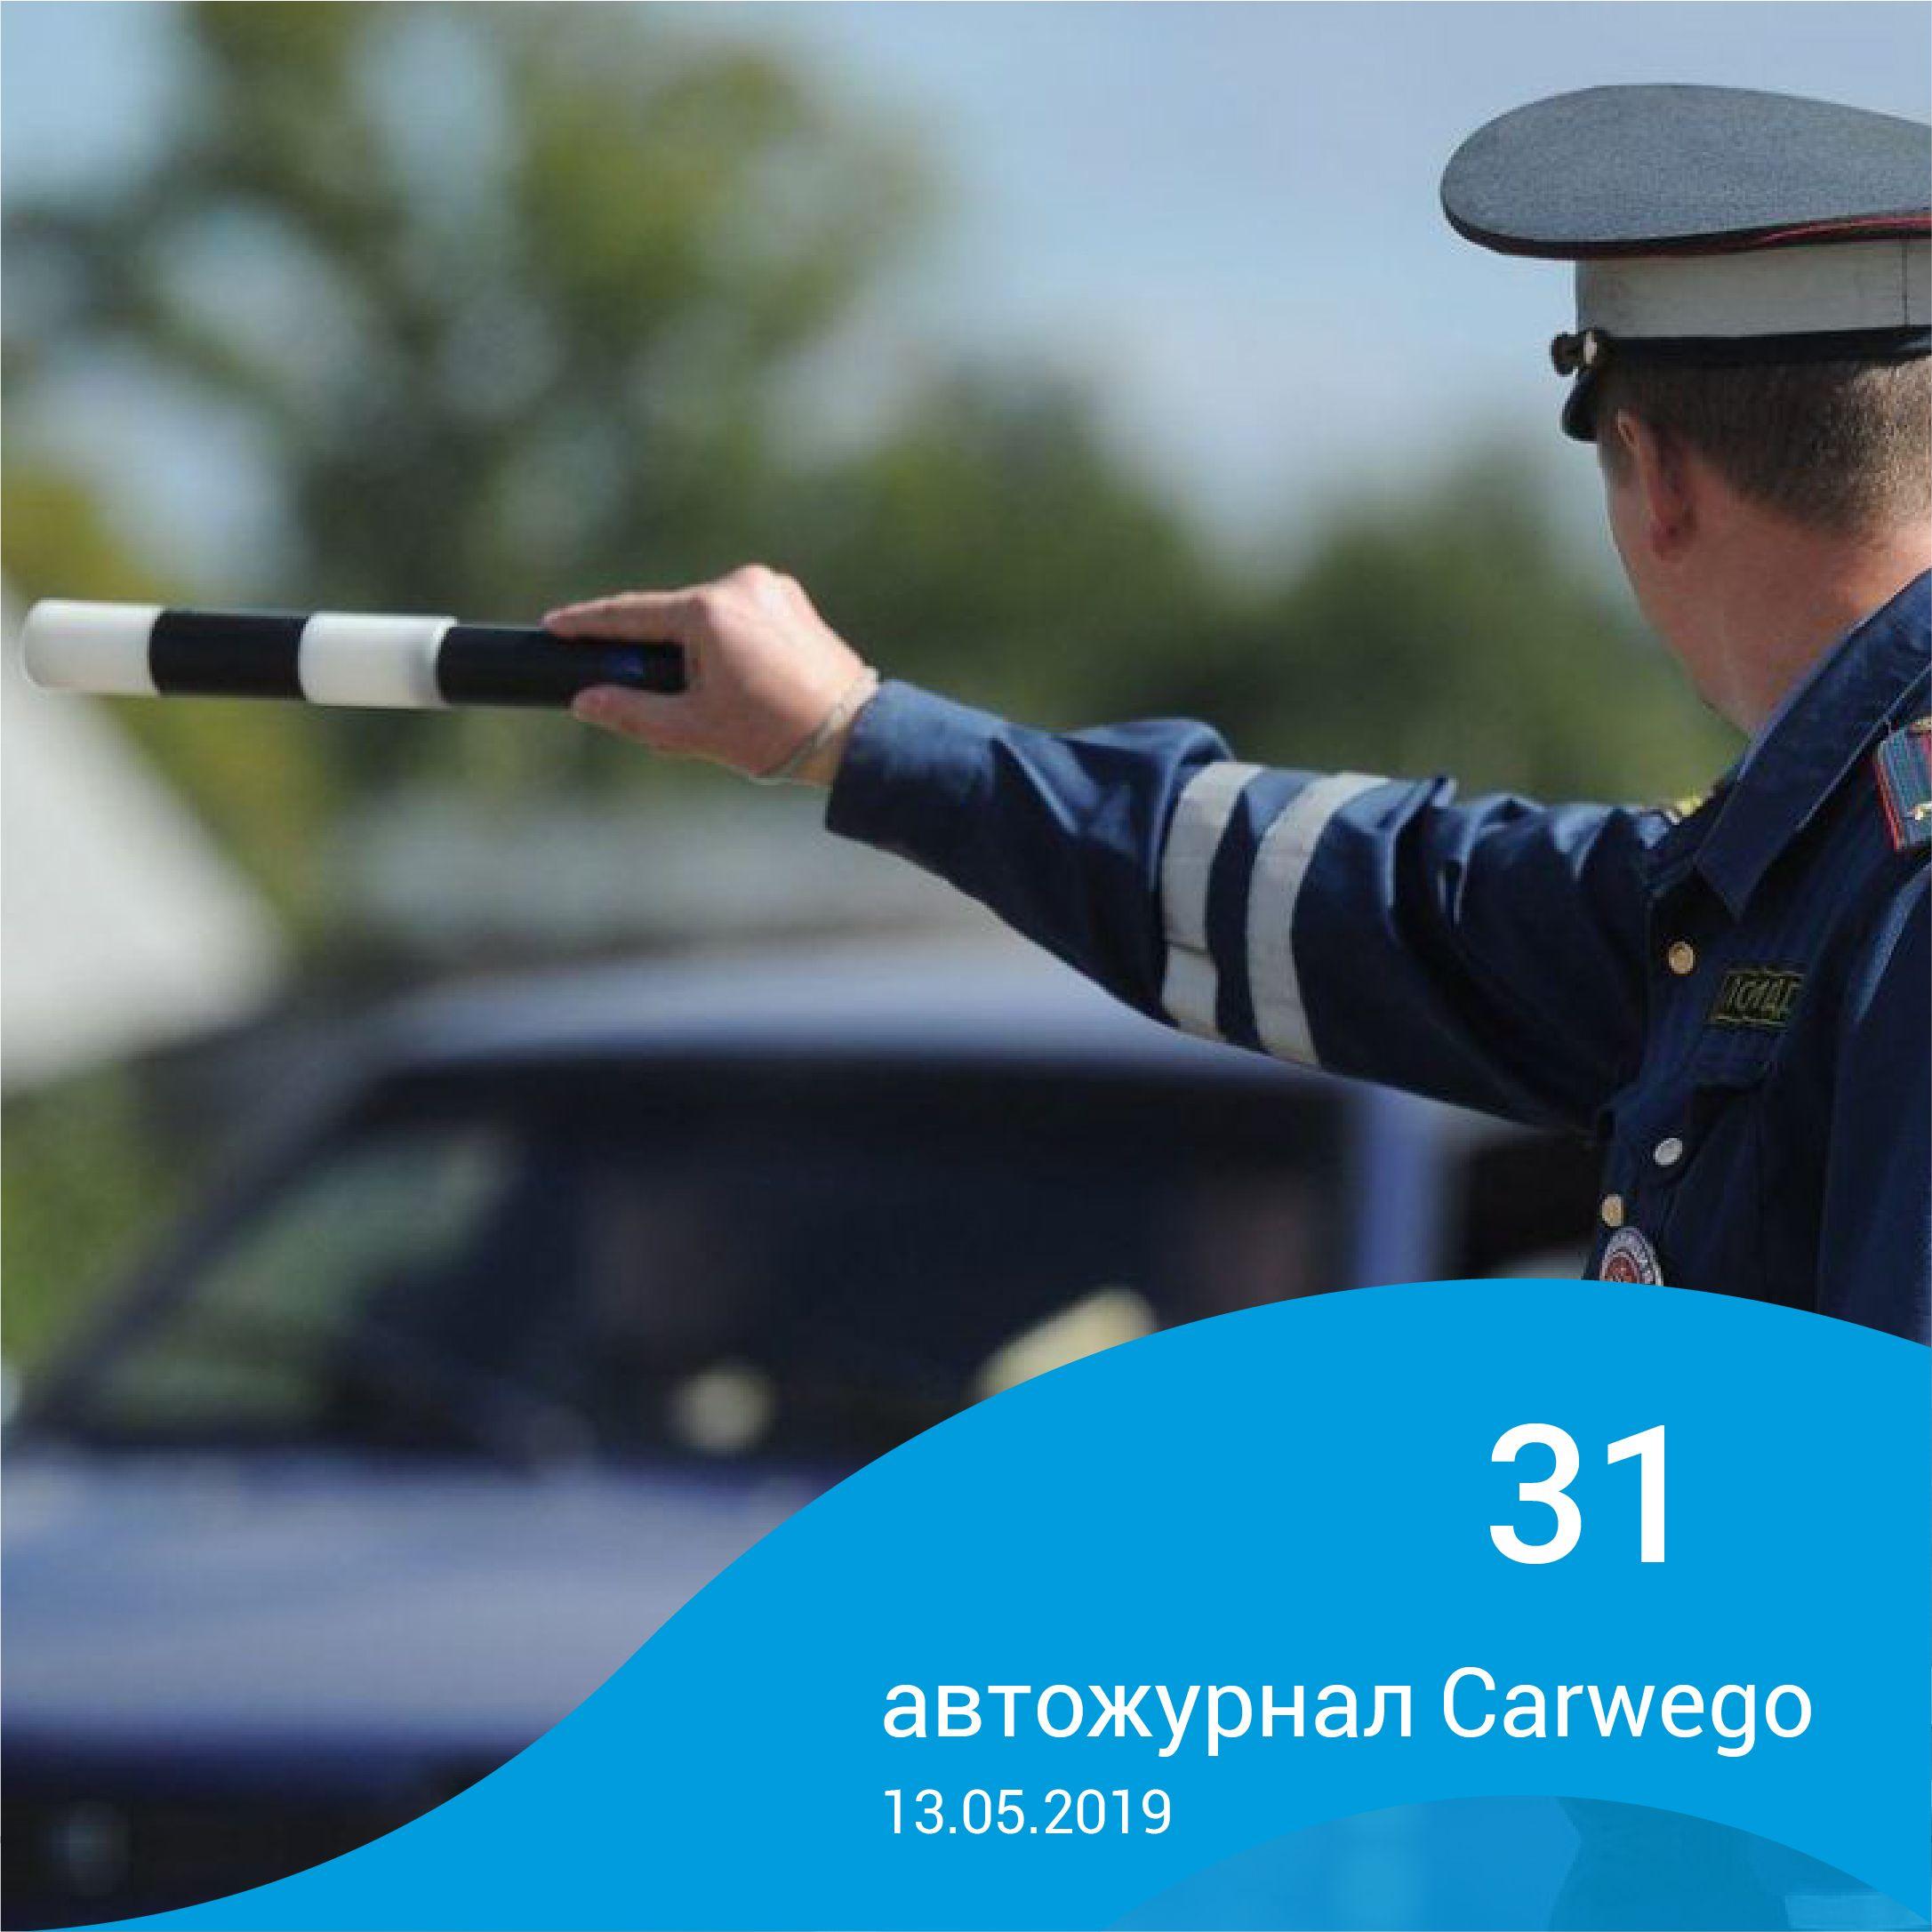 Самые угоняемые авто в России, штраф за превышение скорости, Китай начнет экспортировать б/у авто